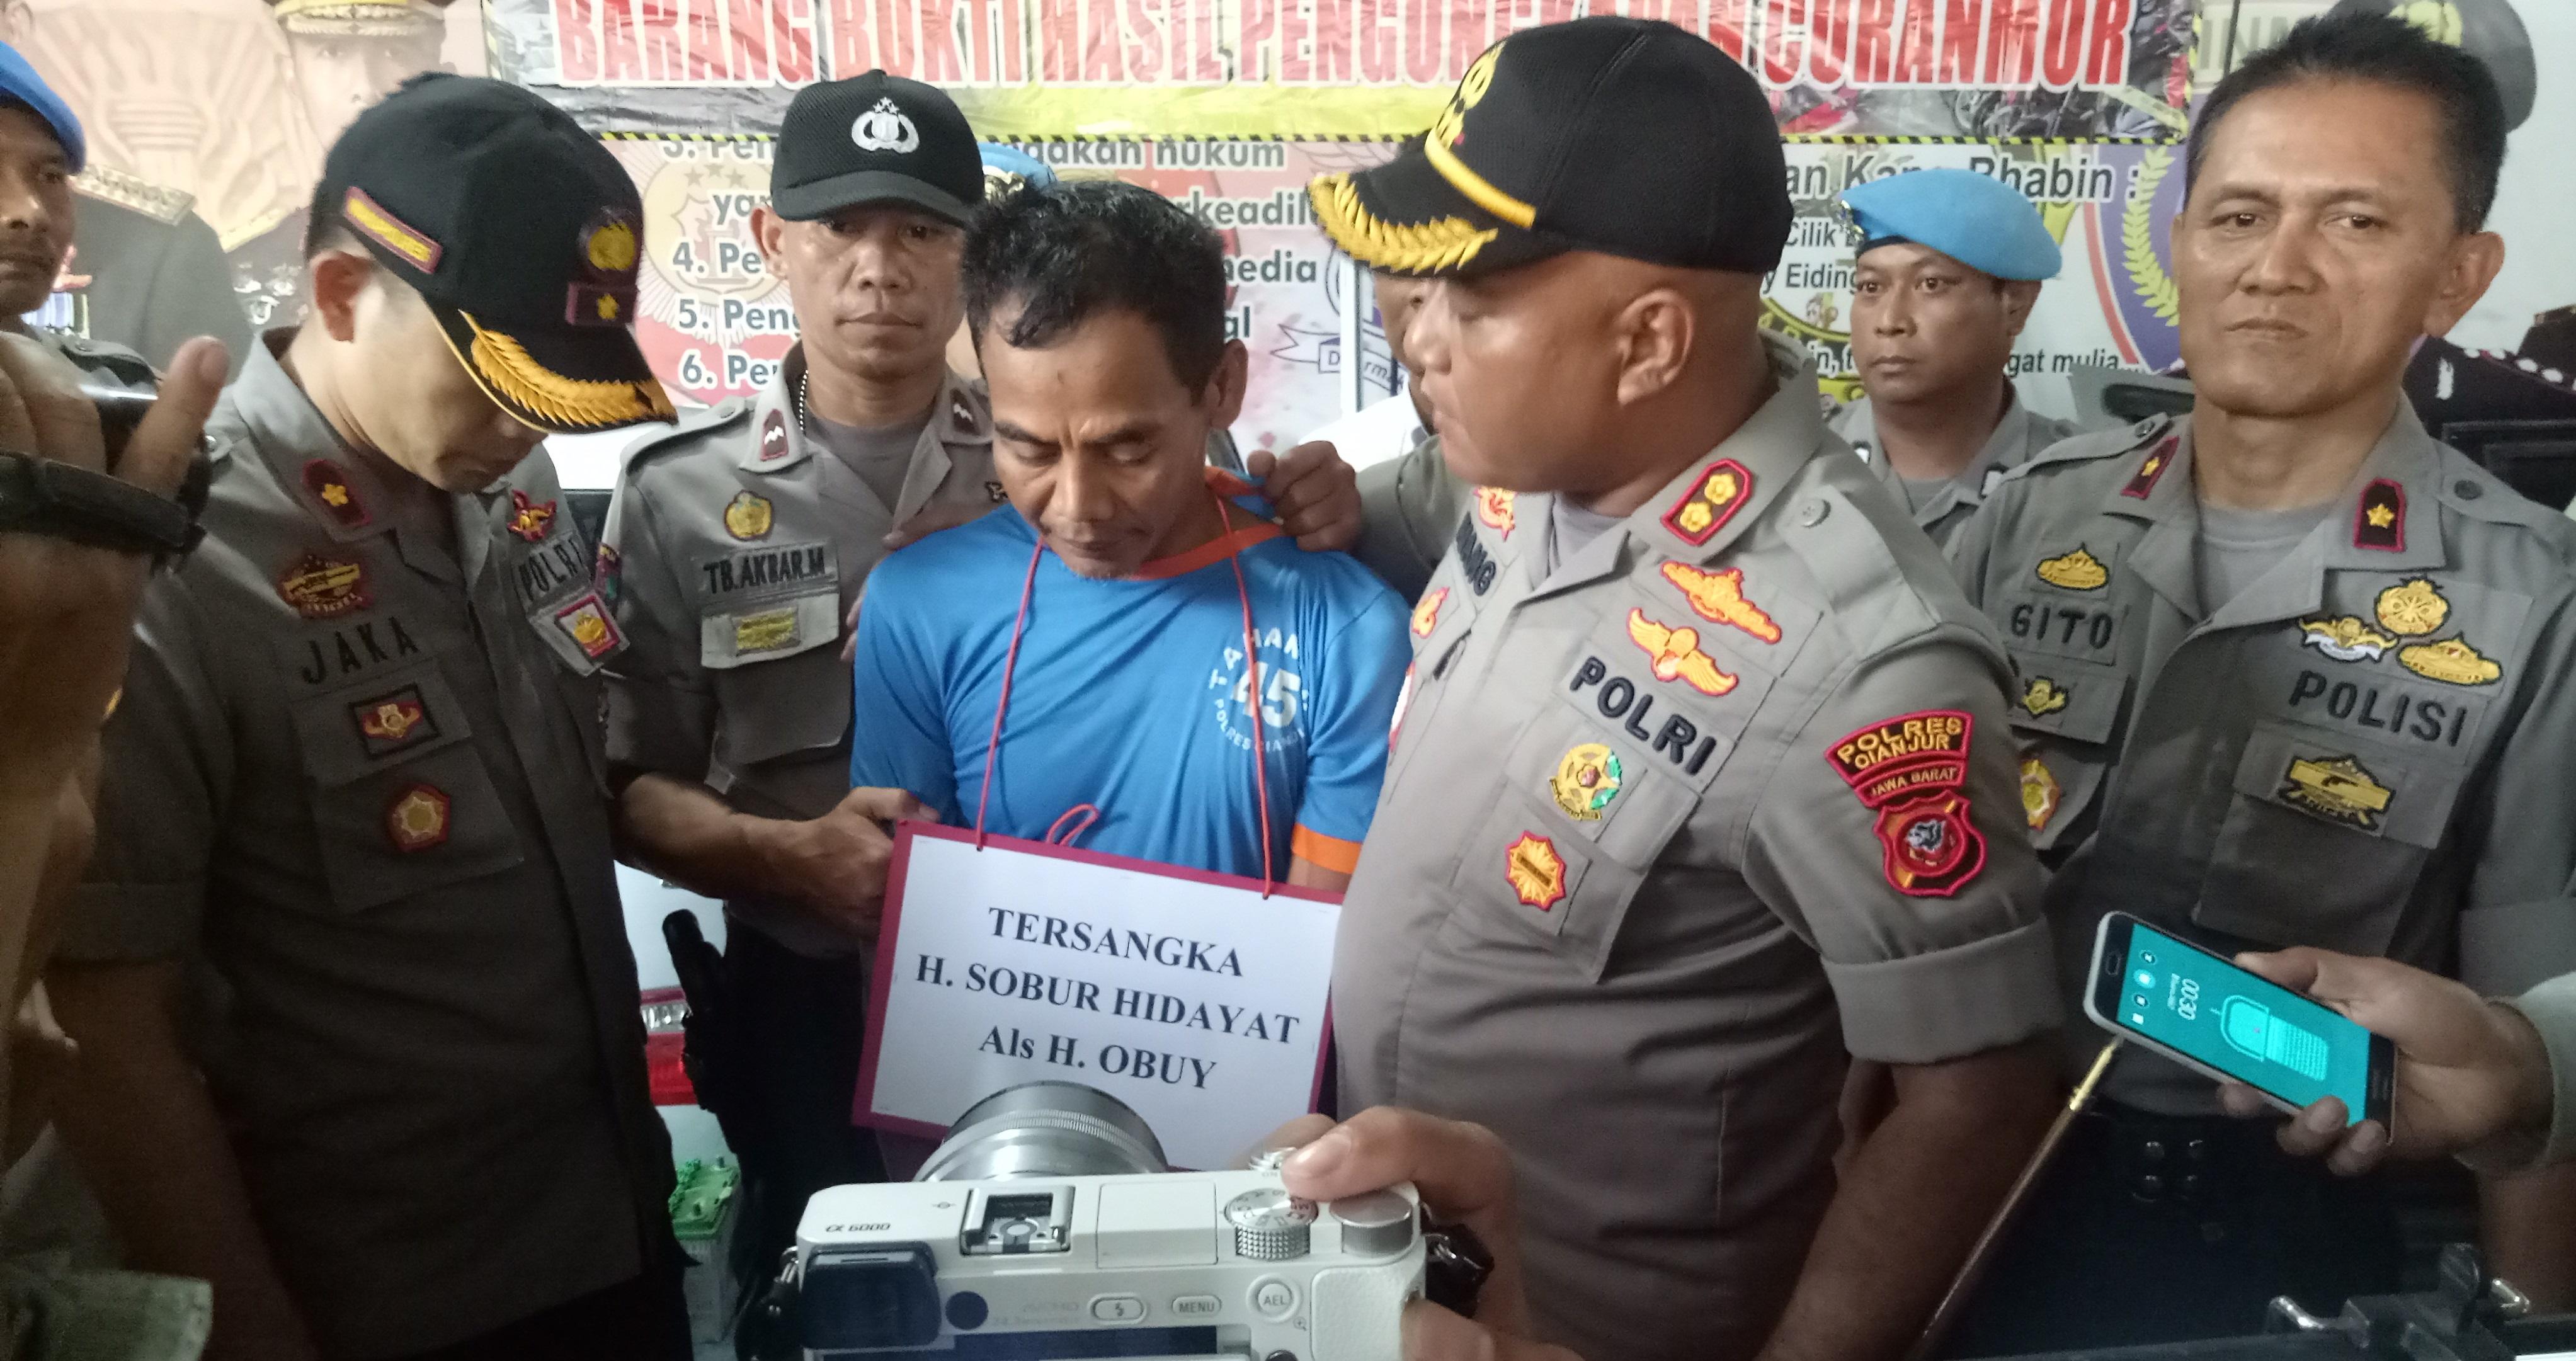 Otak gembong sindikat pencurian mobil H Obuy dicecar Kapolres Cianjur AKBP Juang Andi Priyanto. Foto: Guruh/PojokSatu.id